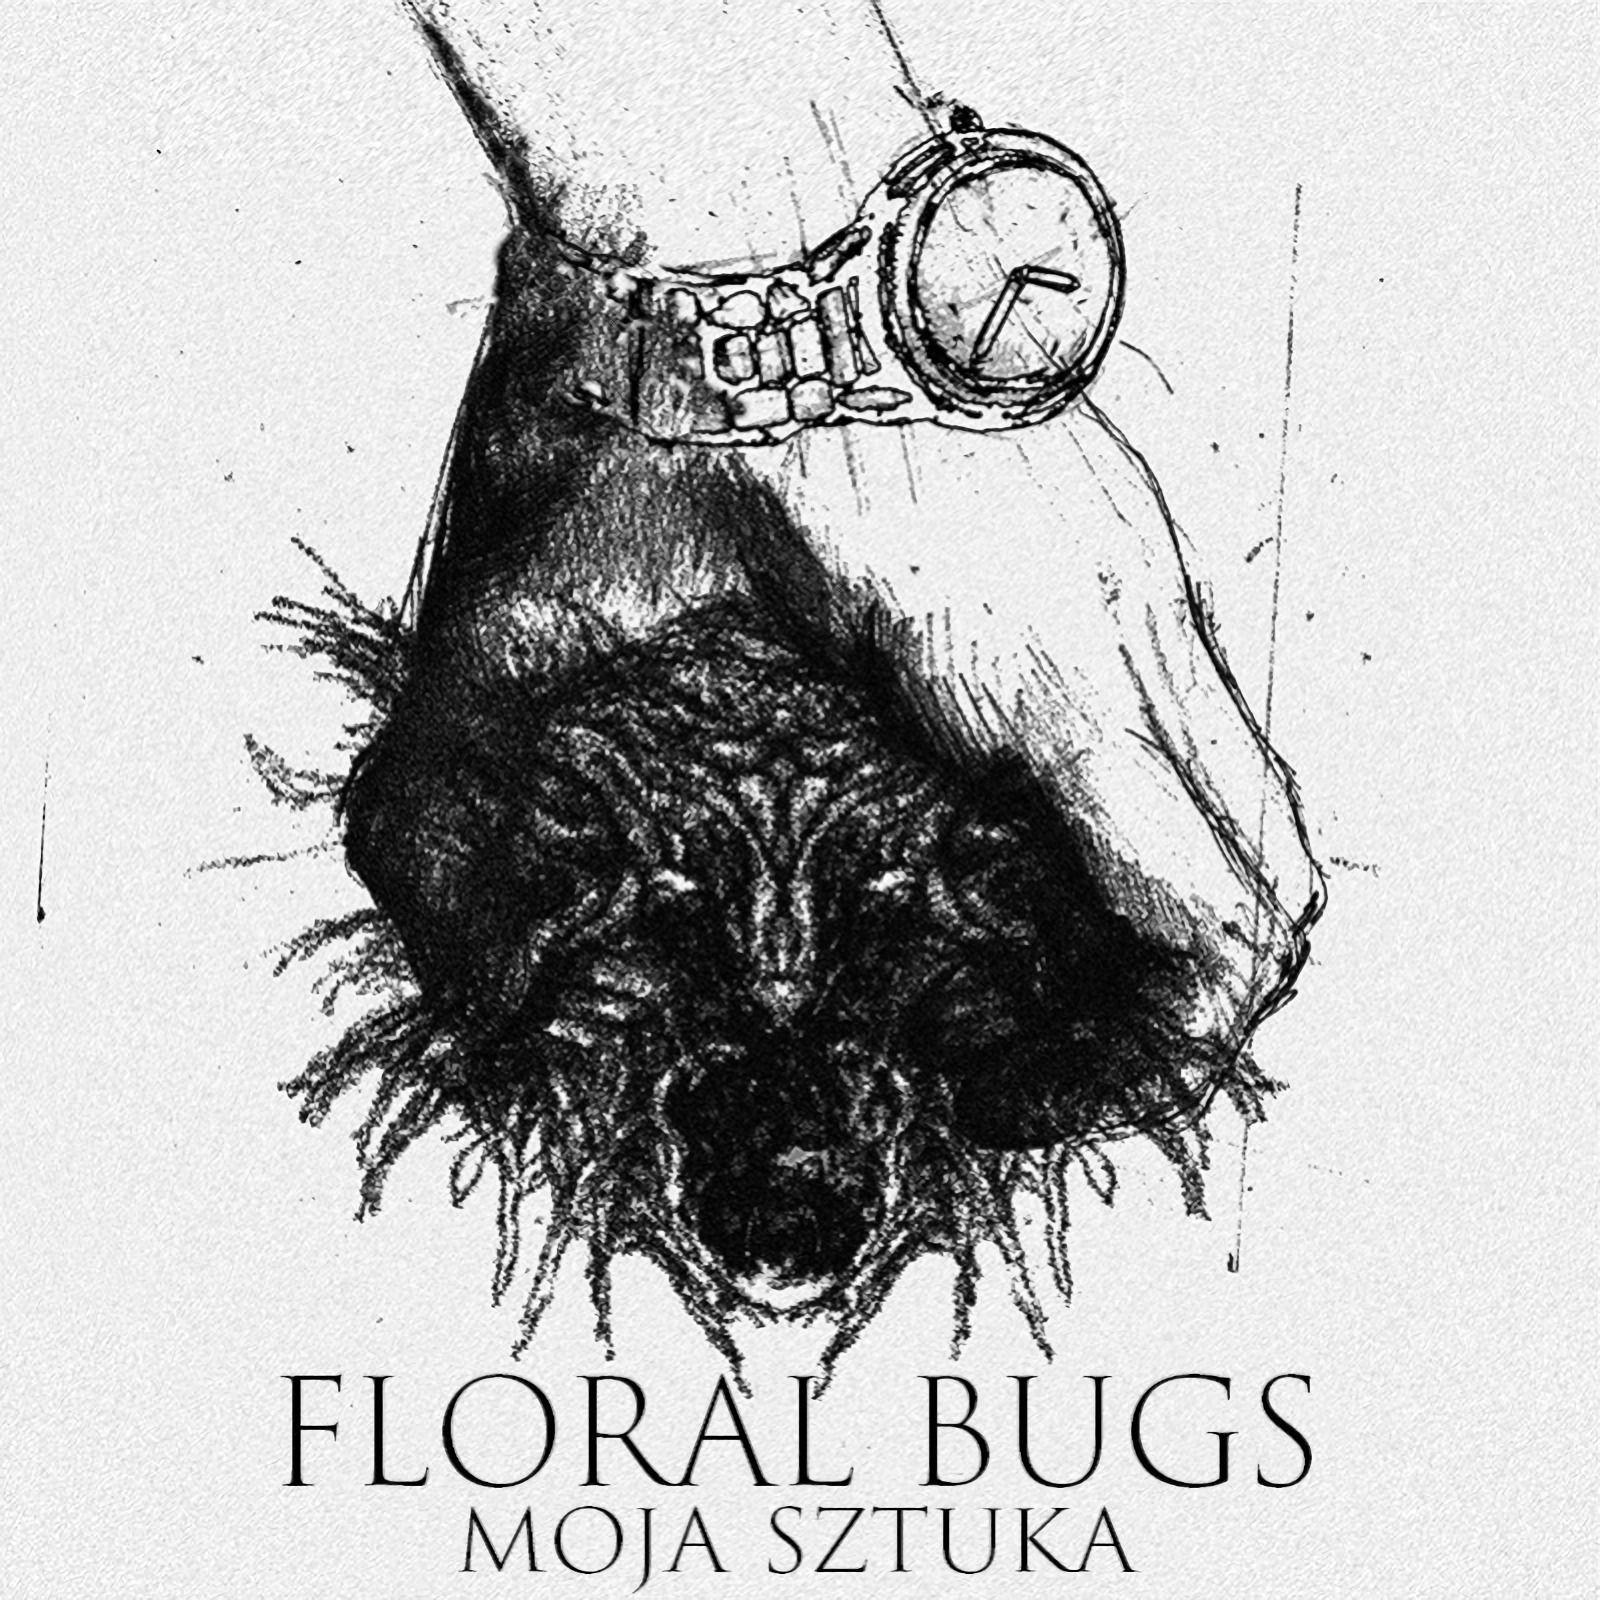 Floral Bugs: Moja sztuka